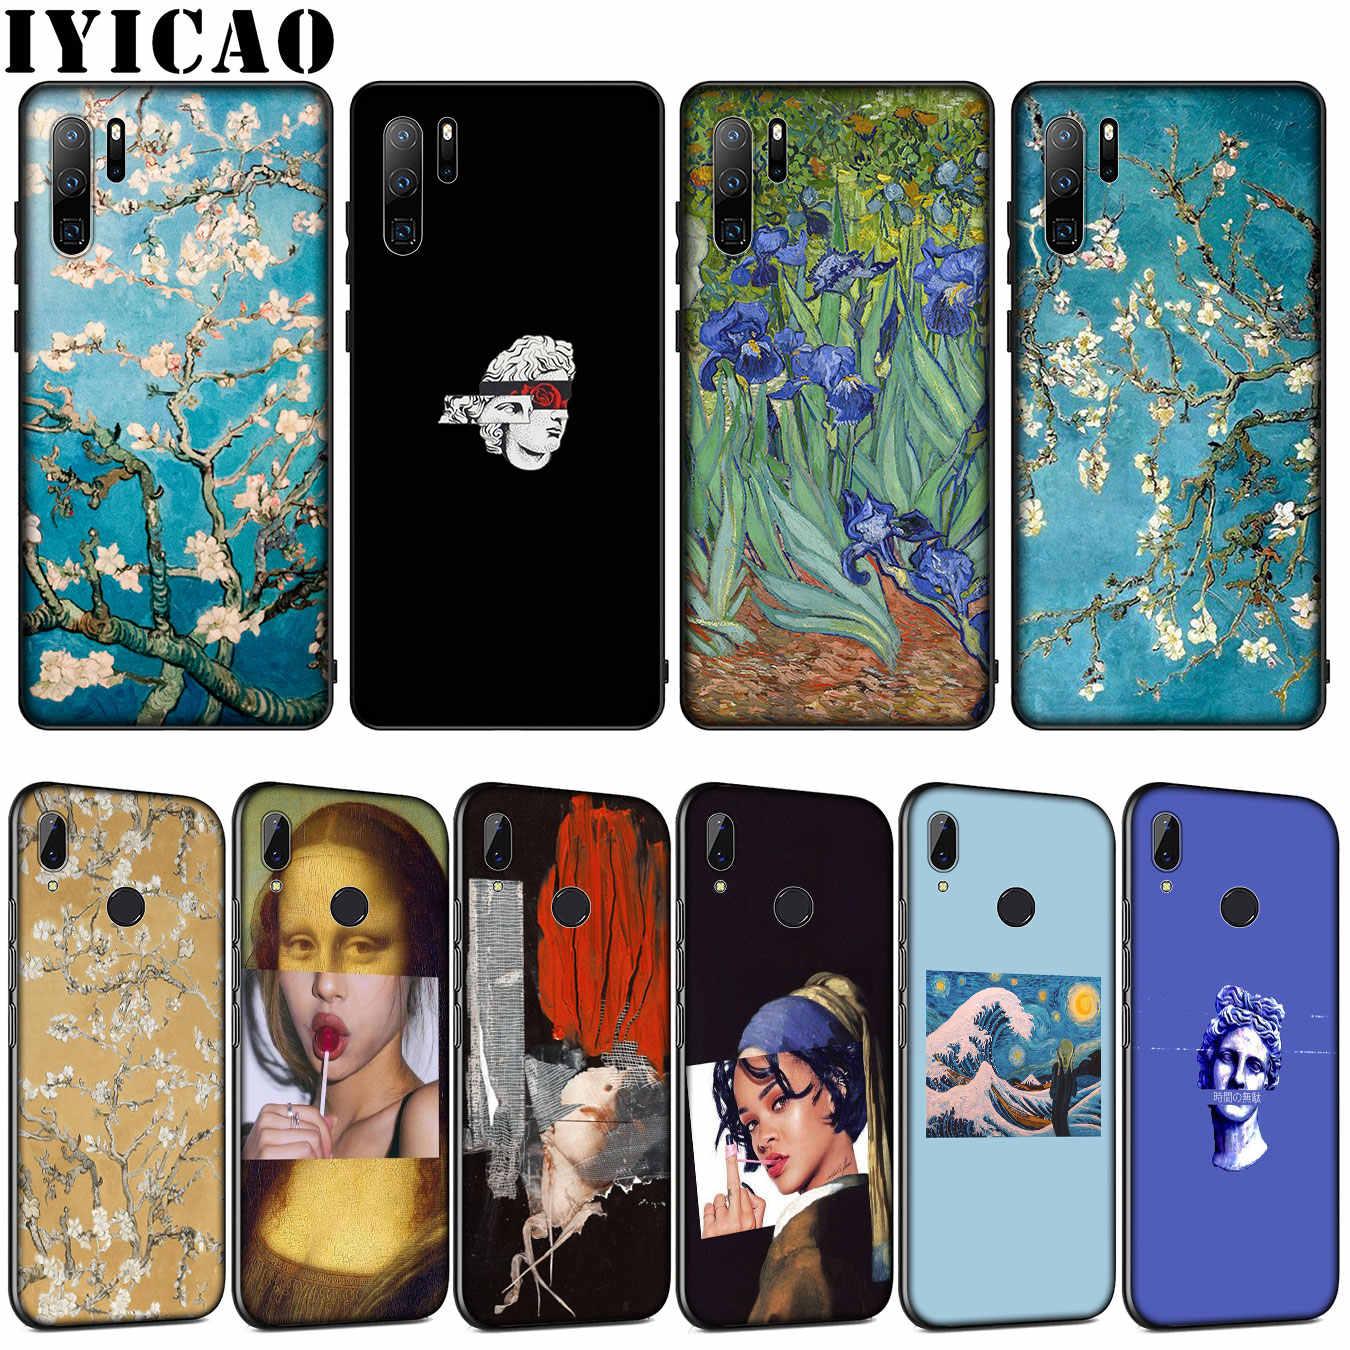 IYICAO arte estética van Gogh pintura flor suave caso de Huawei P30 P20 Pro P10 P9 Lite 2017 Mini 2016 P Smart Z Plus 2019